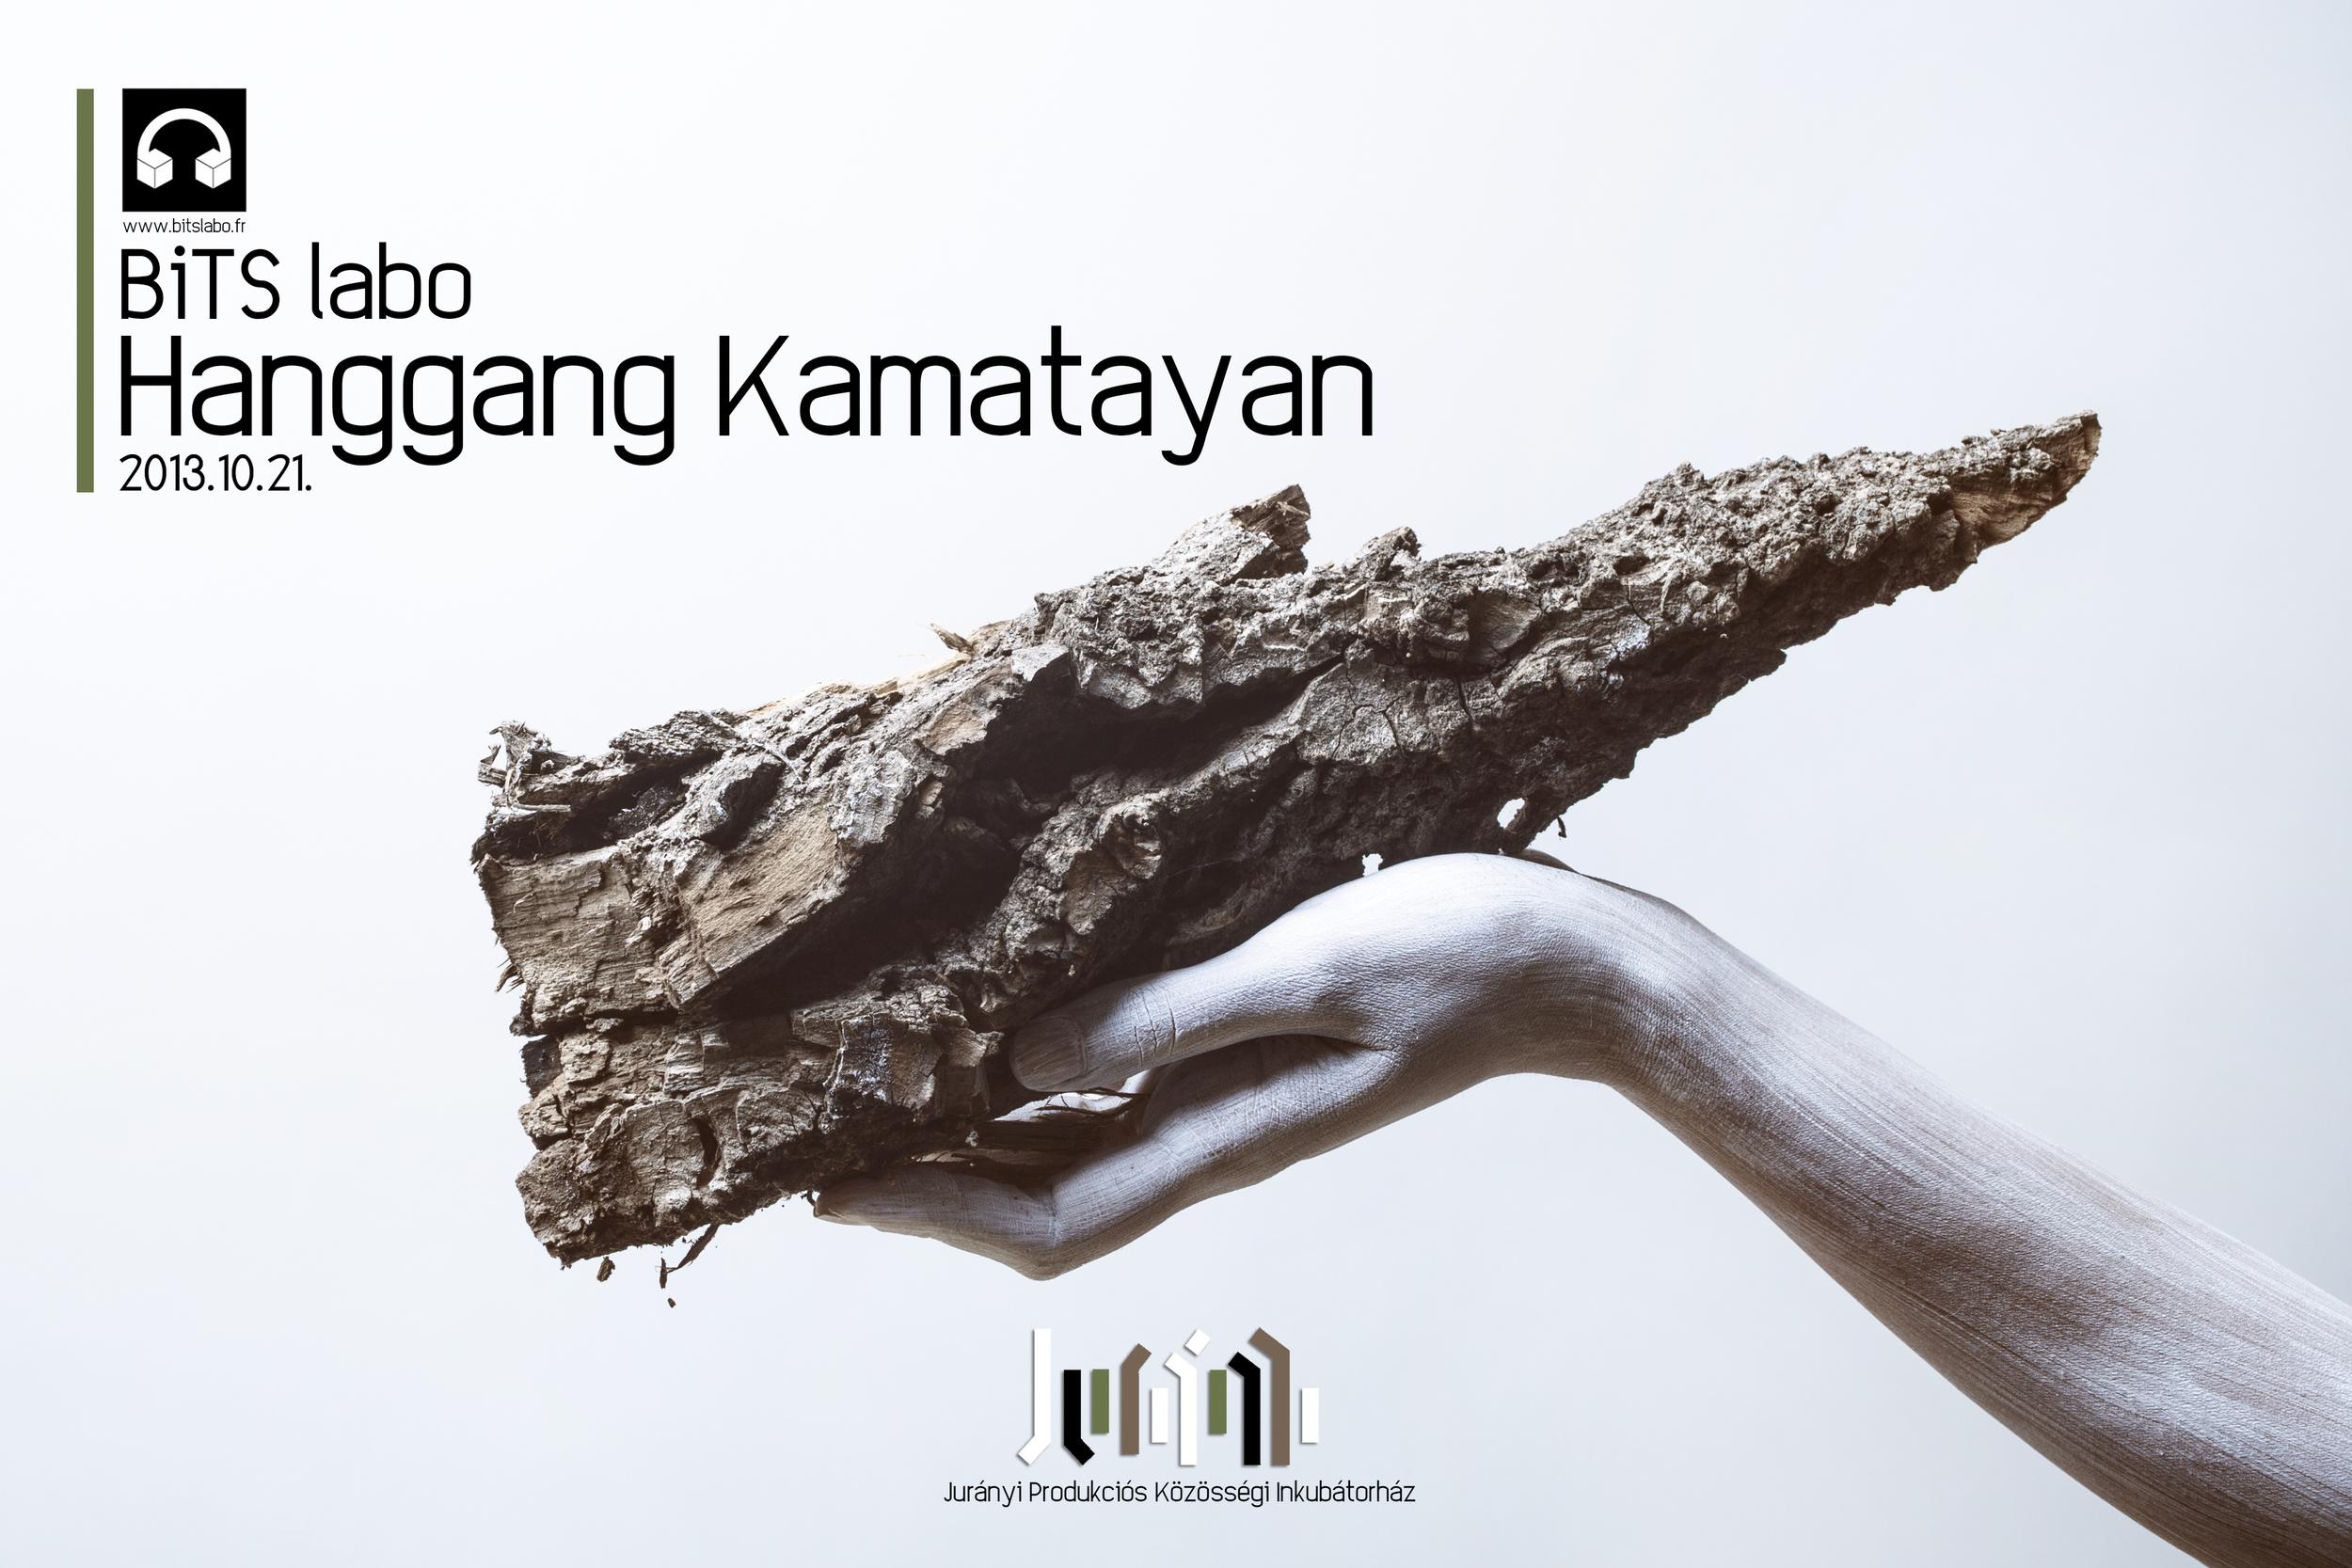 BiTS labo_Hanggang Kamatayan_04.jpg